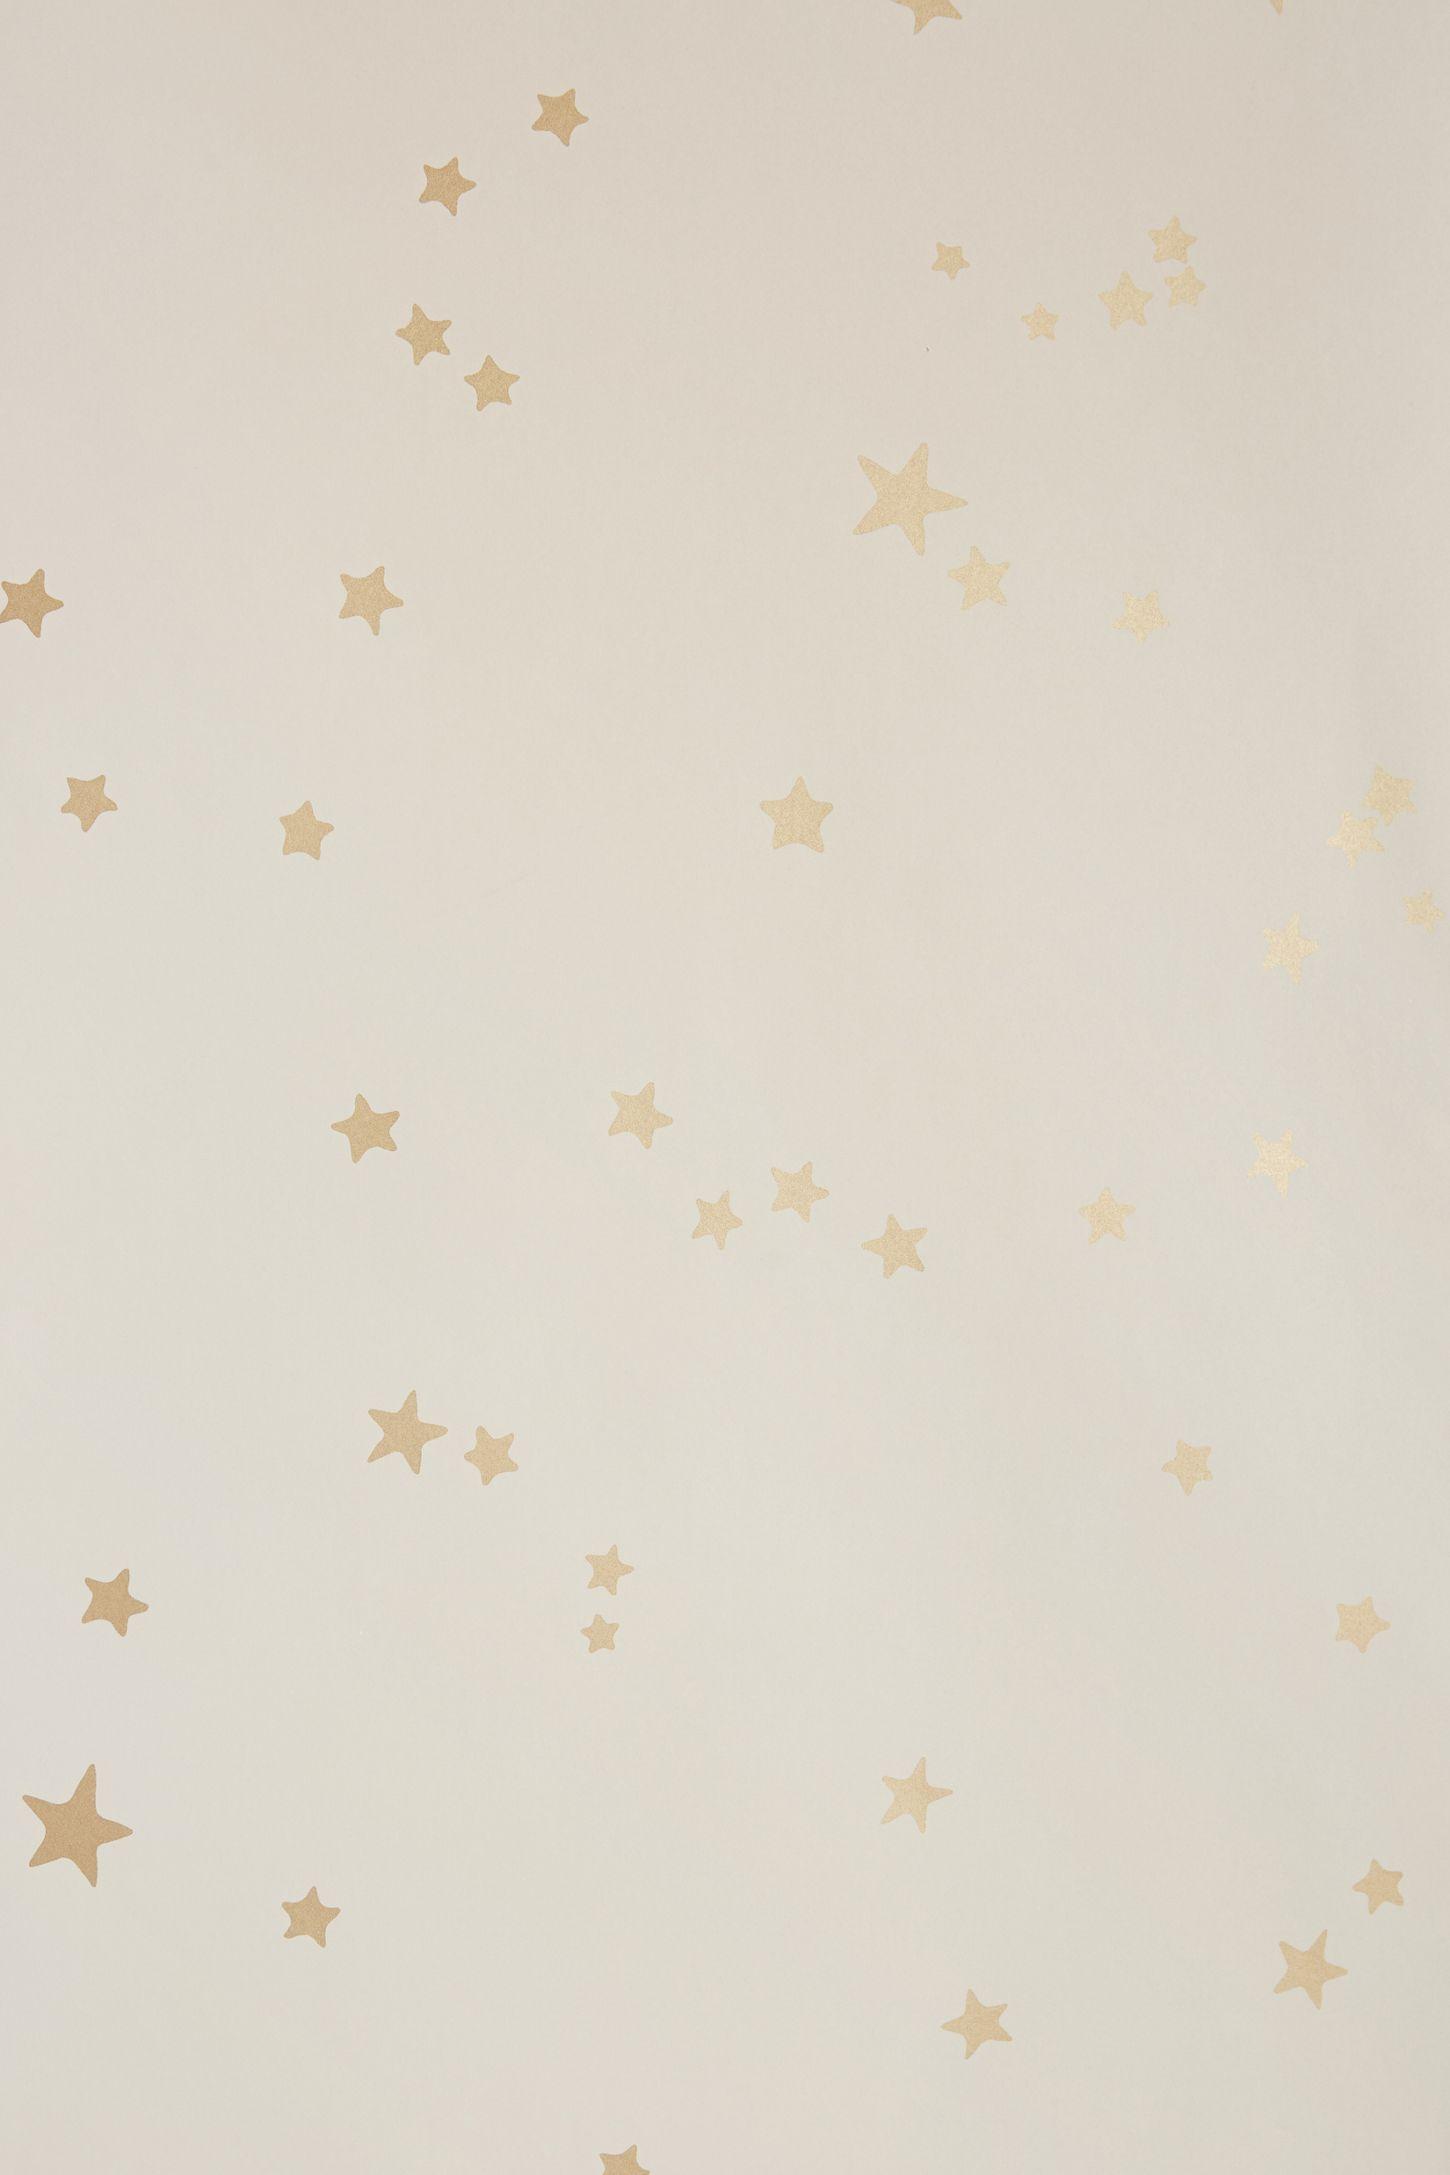 Wish Upon A Star Wallpaper Star Wallpaper Wallpaper Bible Verse Wallpaper